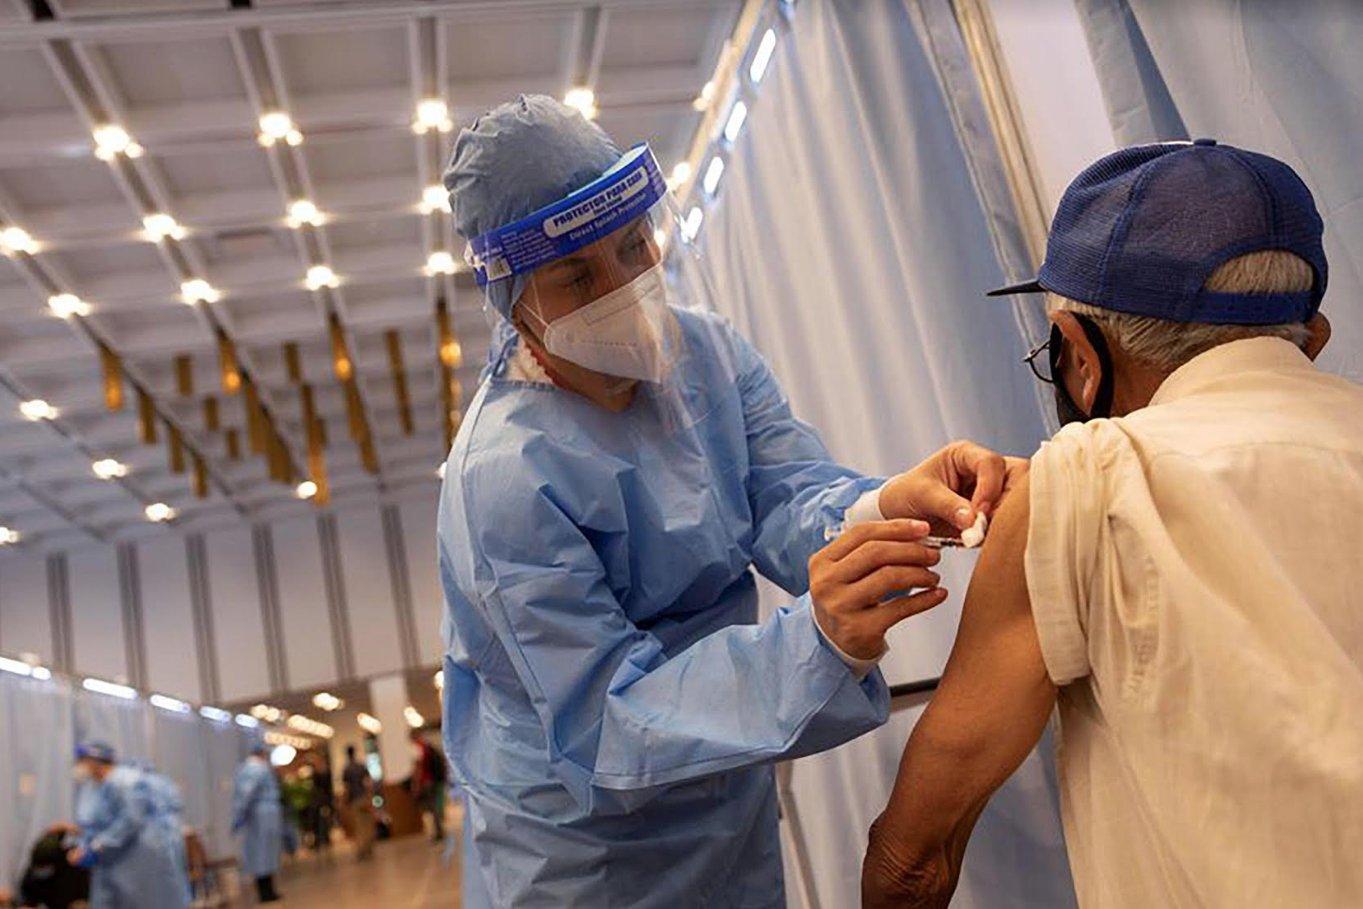 Personas vacunadas deben mantener las medidas de bioseguridad